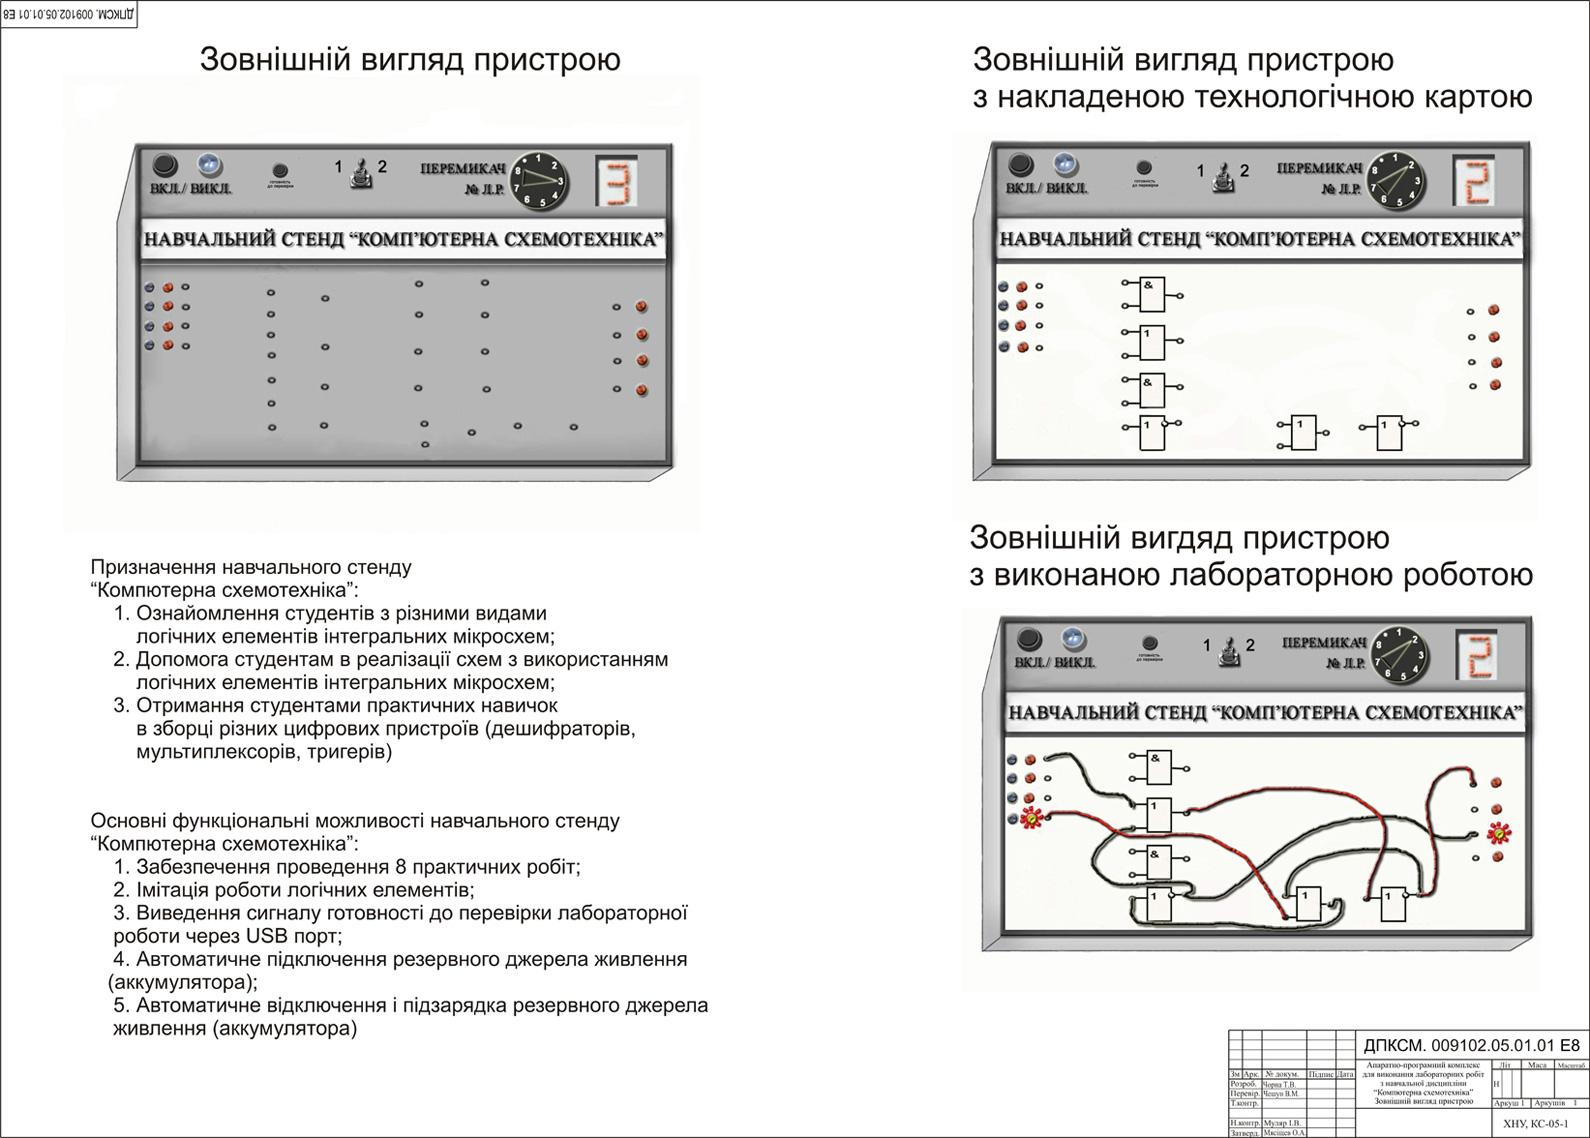 тема курсовых работ по корпоративным информационным системам.